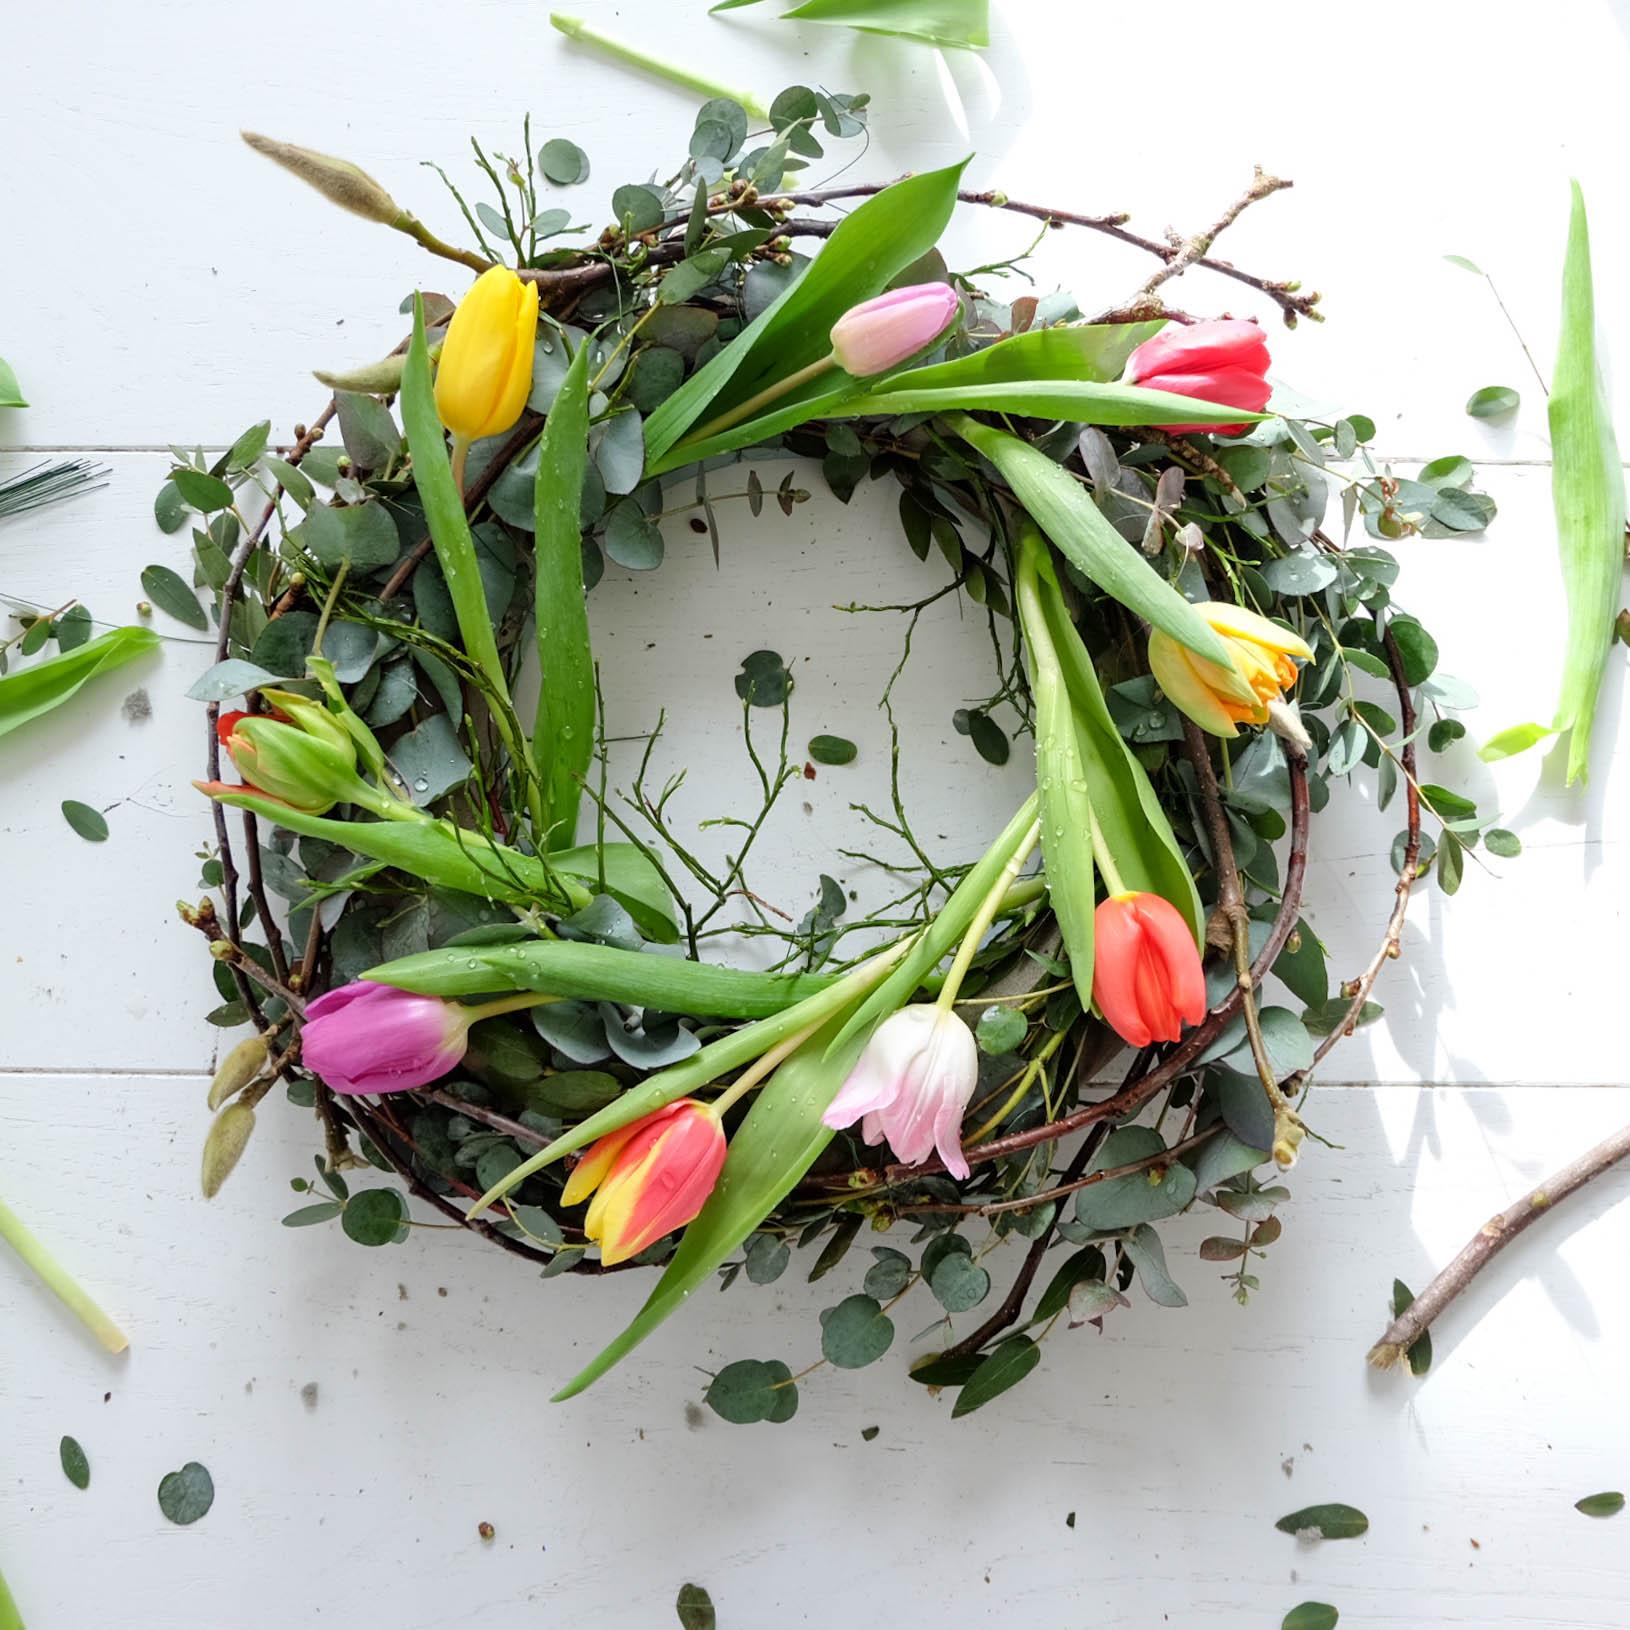 Spring Wreath Mukena Bouquet Daarna Knipte Ik De Tulpen Op Zon 15 Centimeter Onder Bloem Af En Stak Ze Gelijke Afstand Van Elkaar In Krans Ook Tulpjes Zette Net